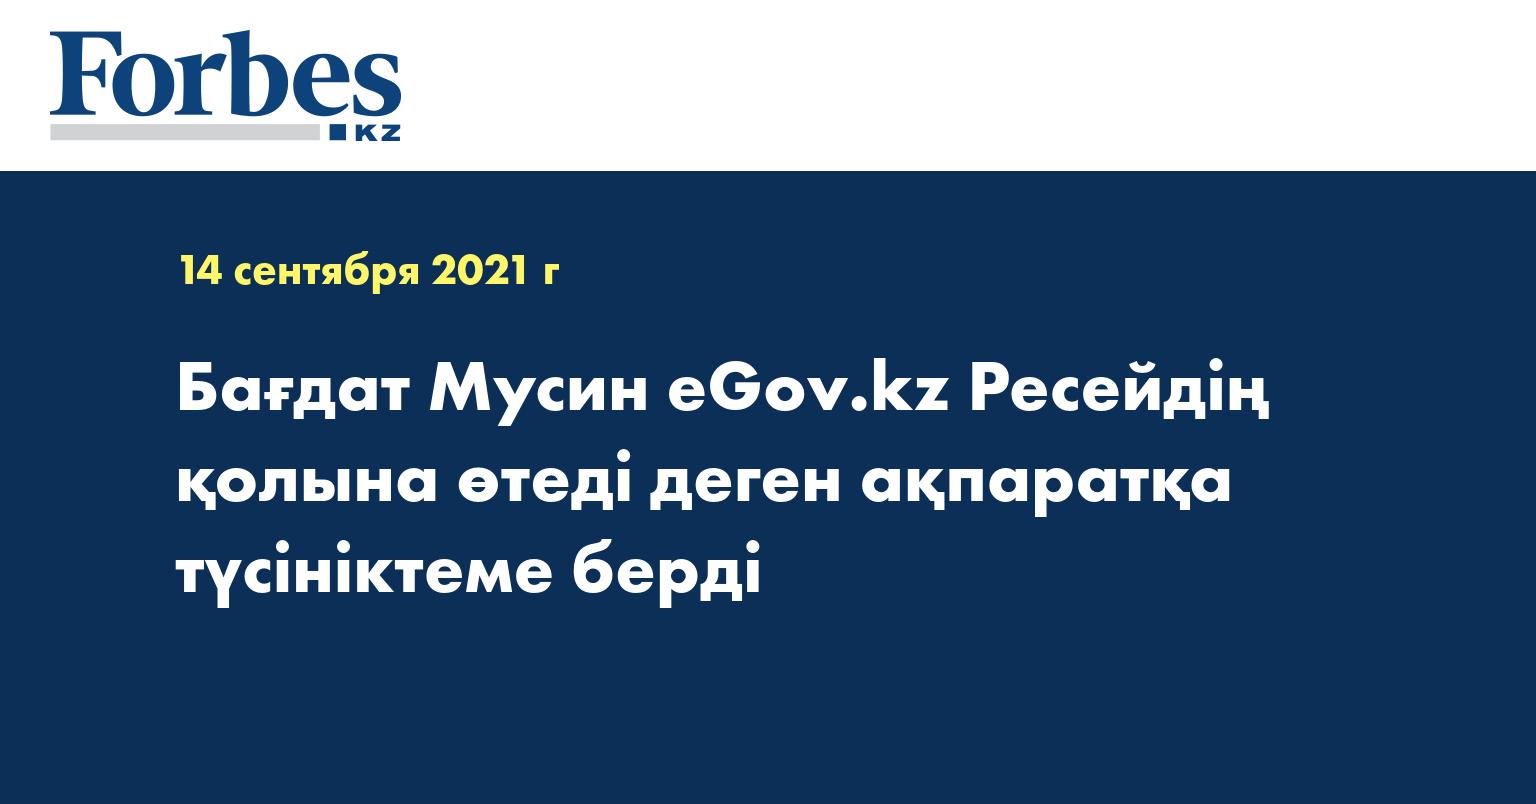 Бағдат Мусин eGov.kz Ресейдің қолына өтеді деген ақпаратқа түсініктеме берді